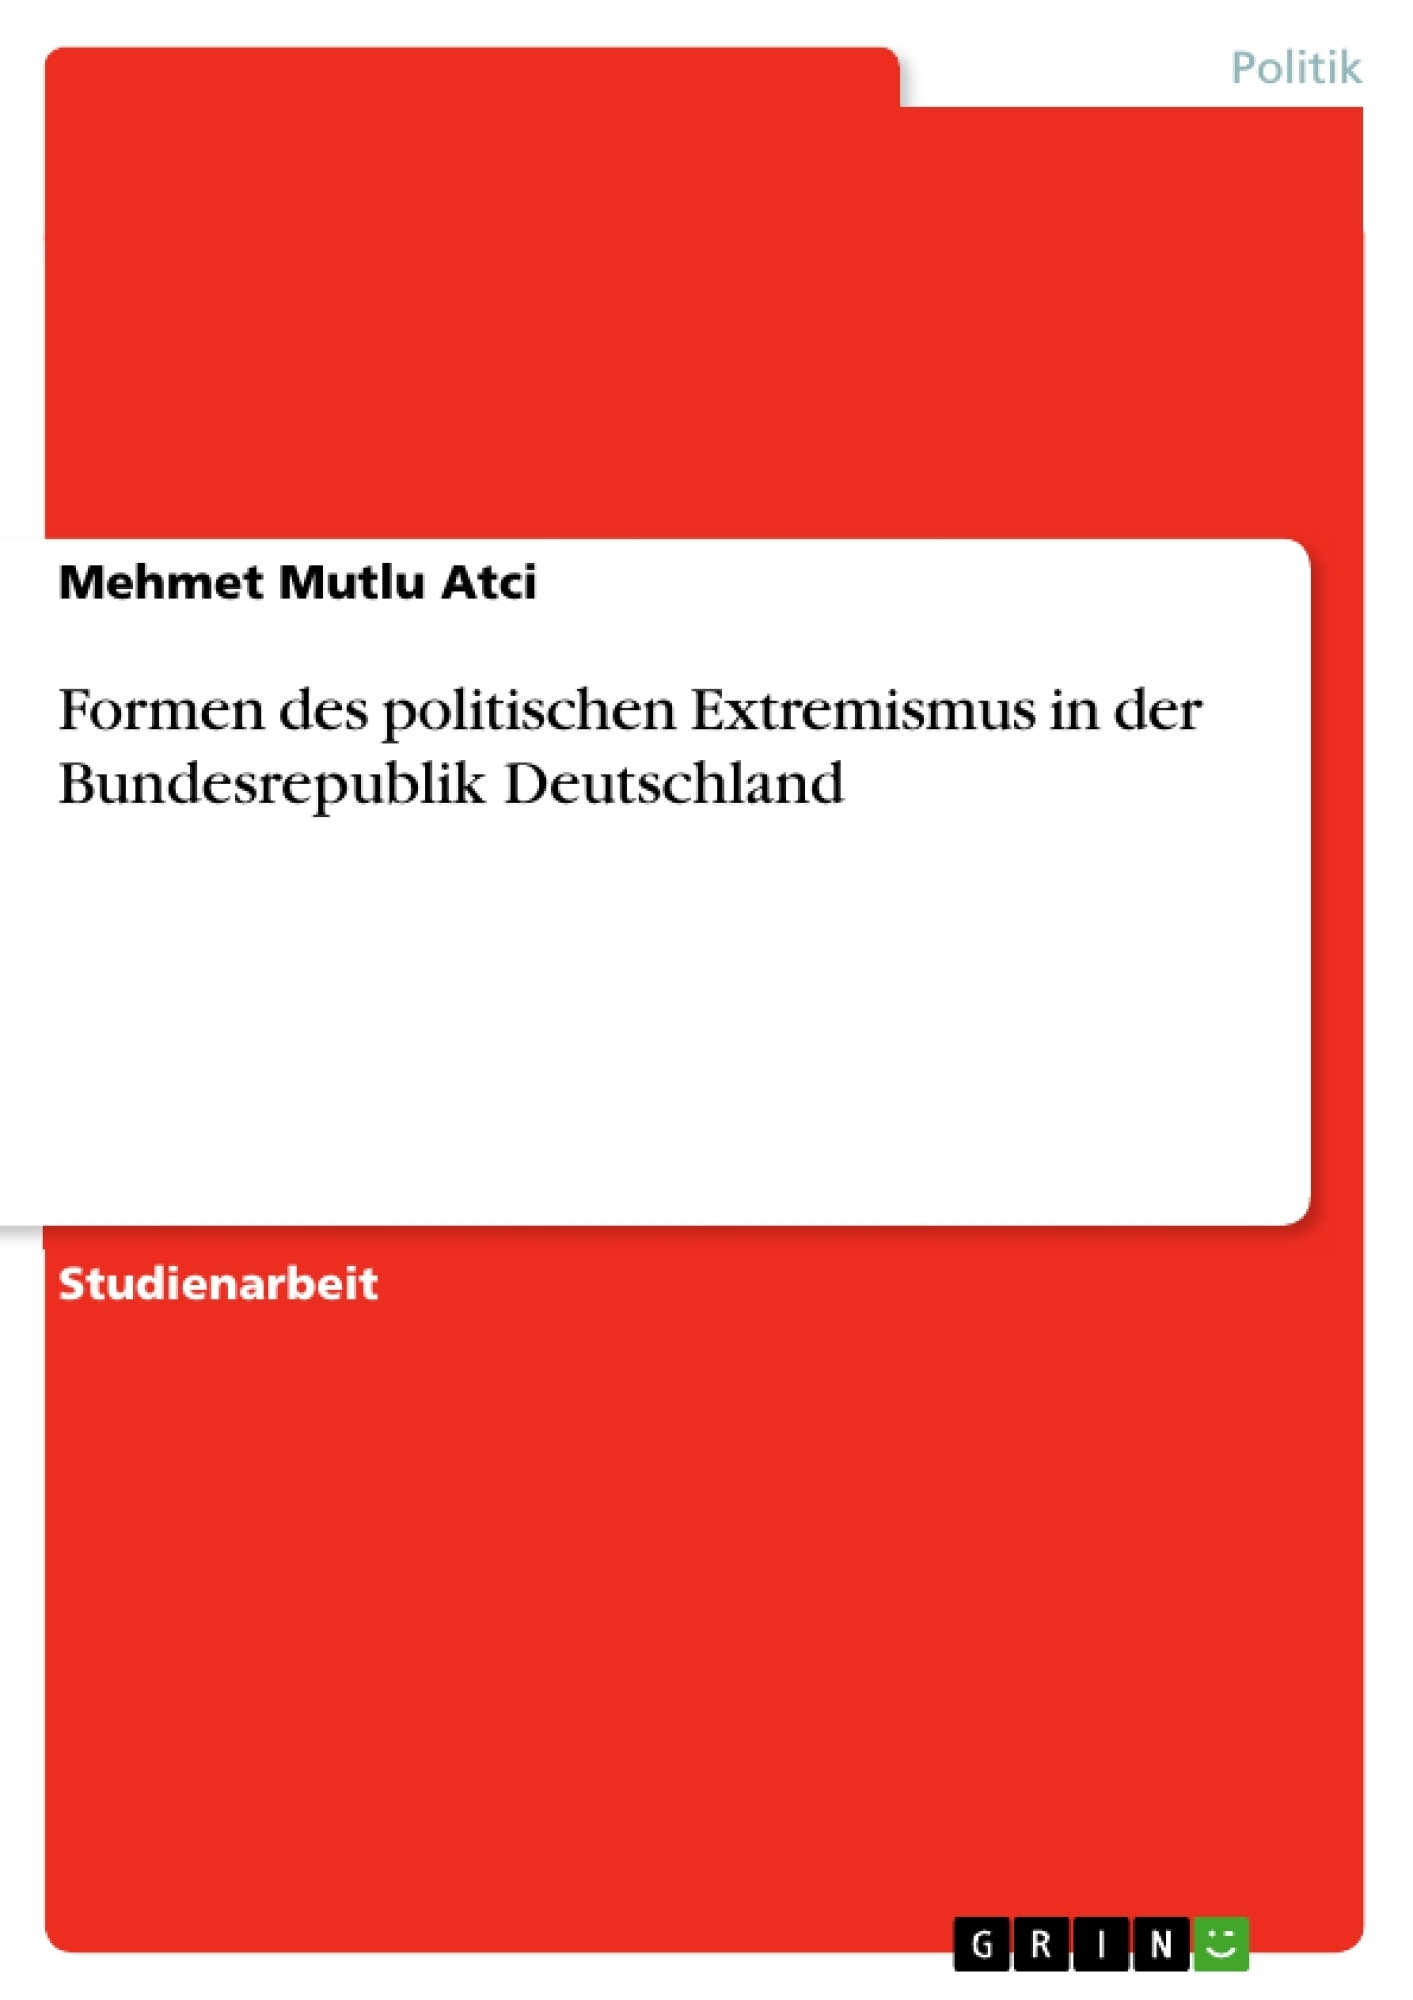 Titel: Formen des politischen Extremismus in der Bundesrepublik Deutschland